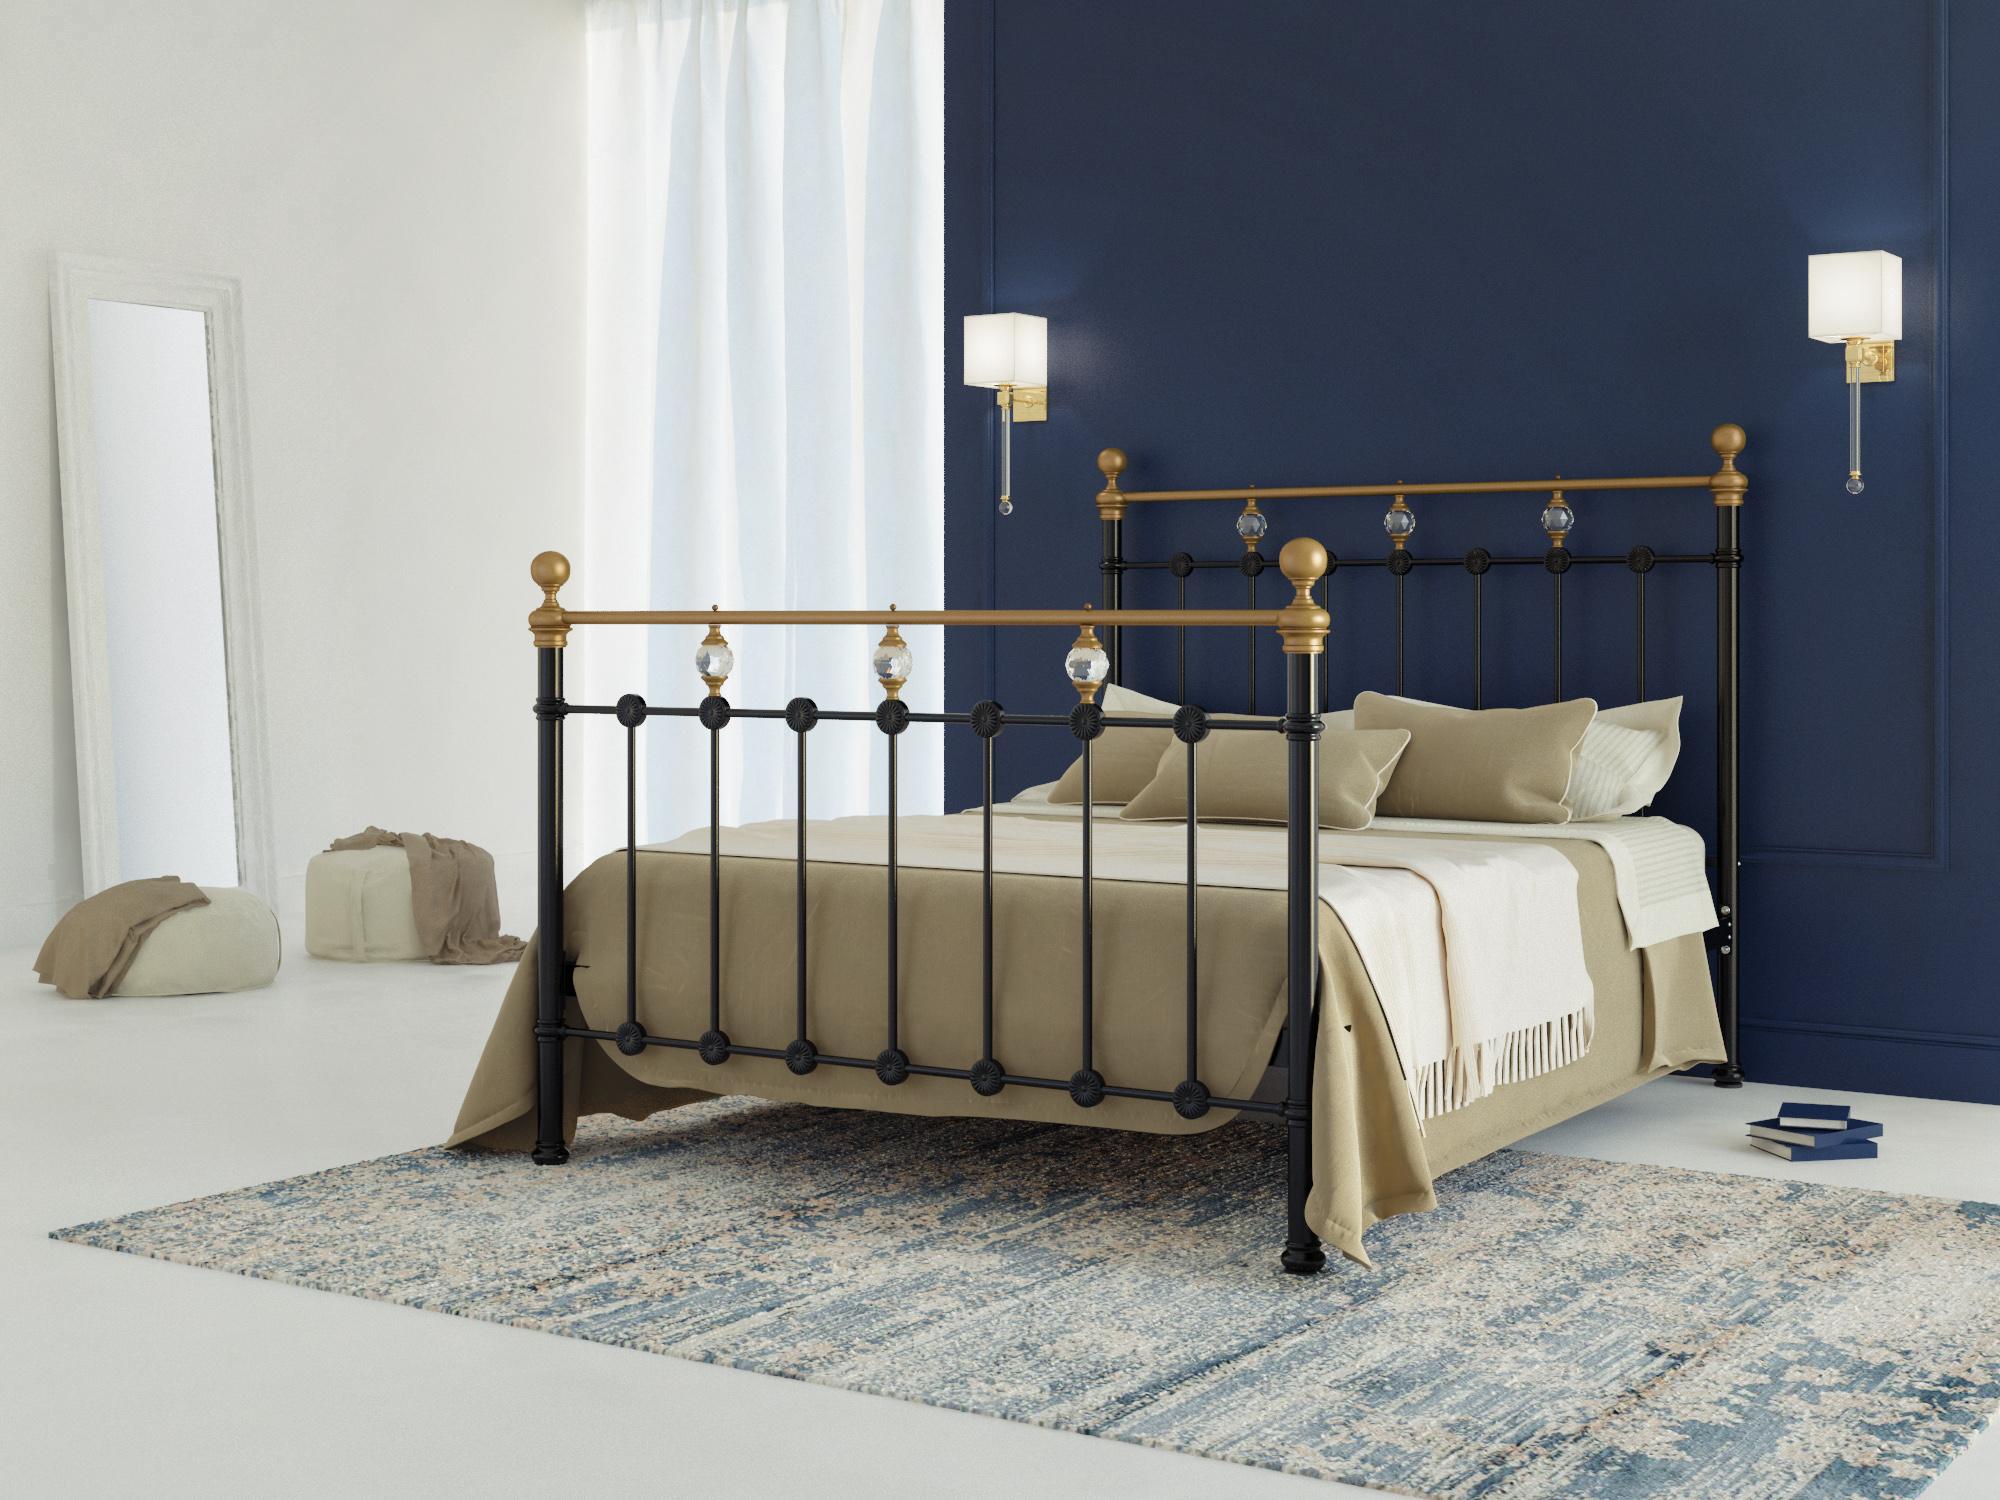 Кровать Originals by Dreamline Crystal фото